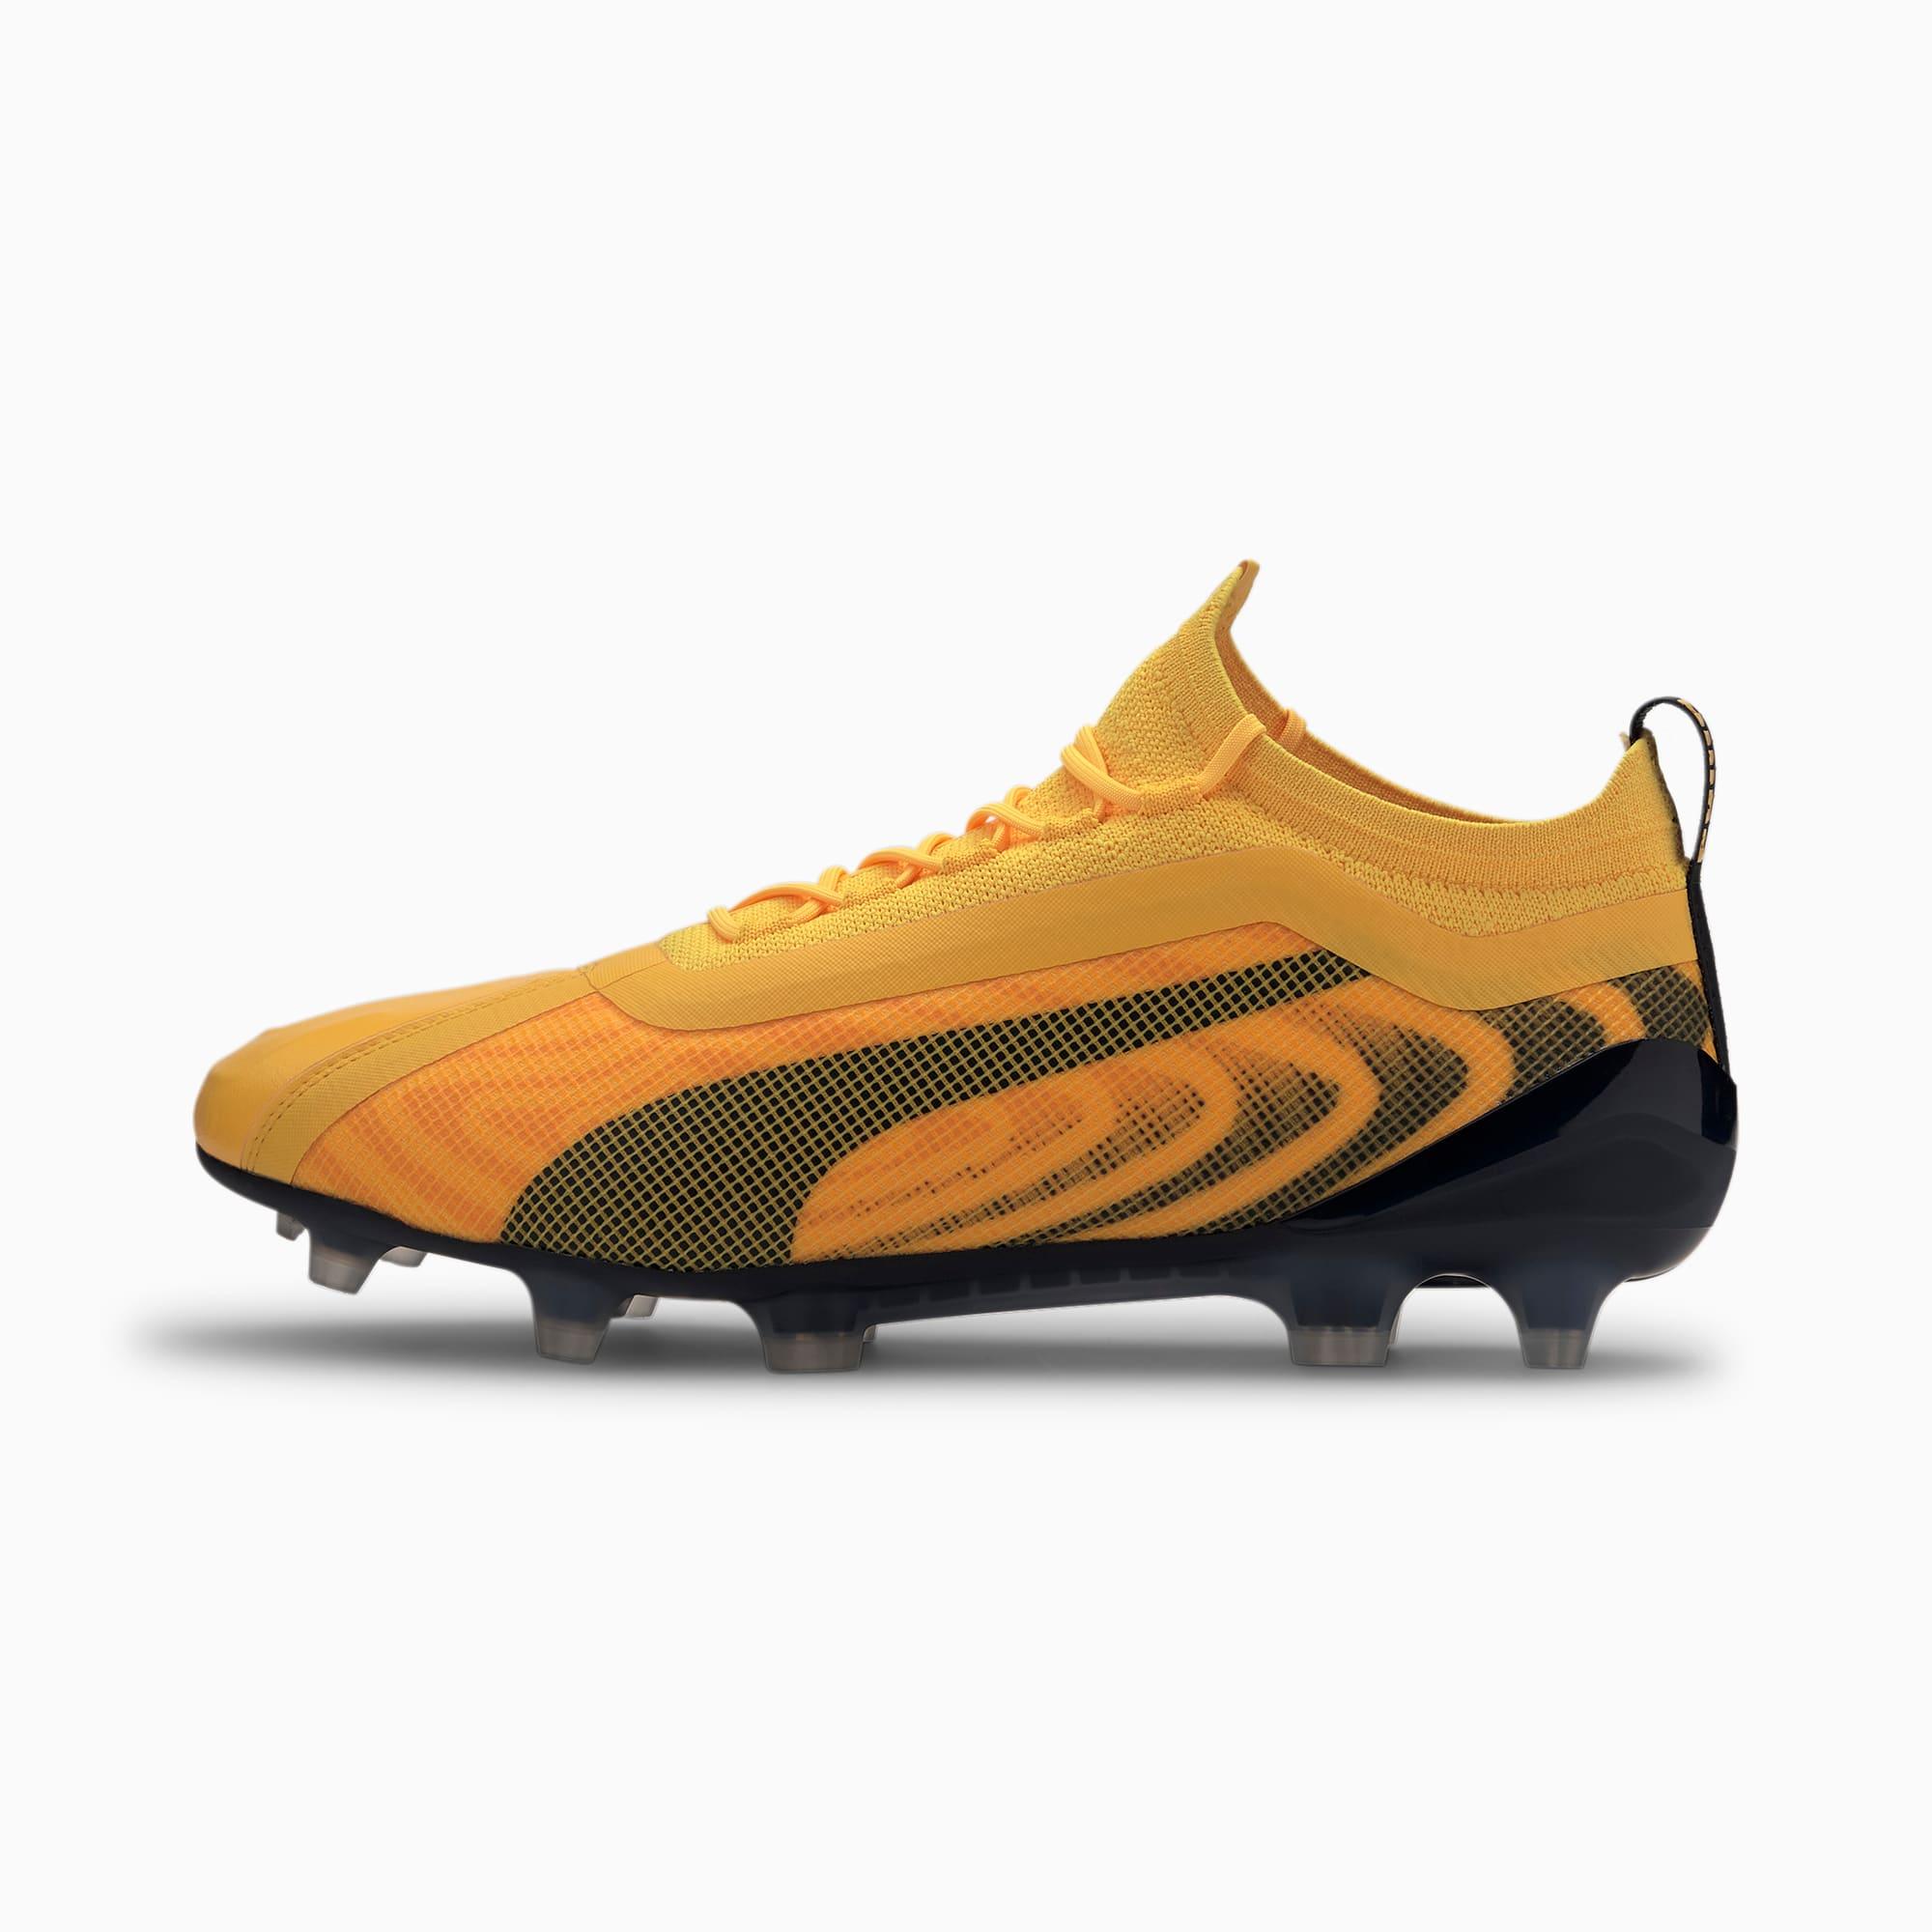 PUMA ONE 20.1 FG/AG voetbalschoenen voor Heren, Zwart/Geel/Oranje/Aucun, Maat 42,5